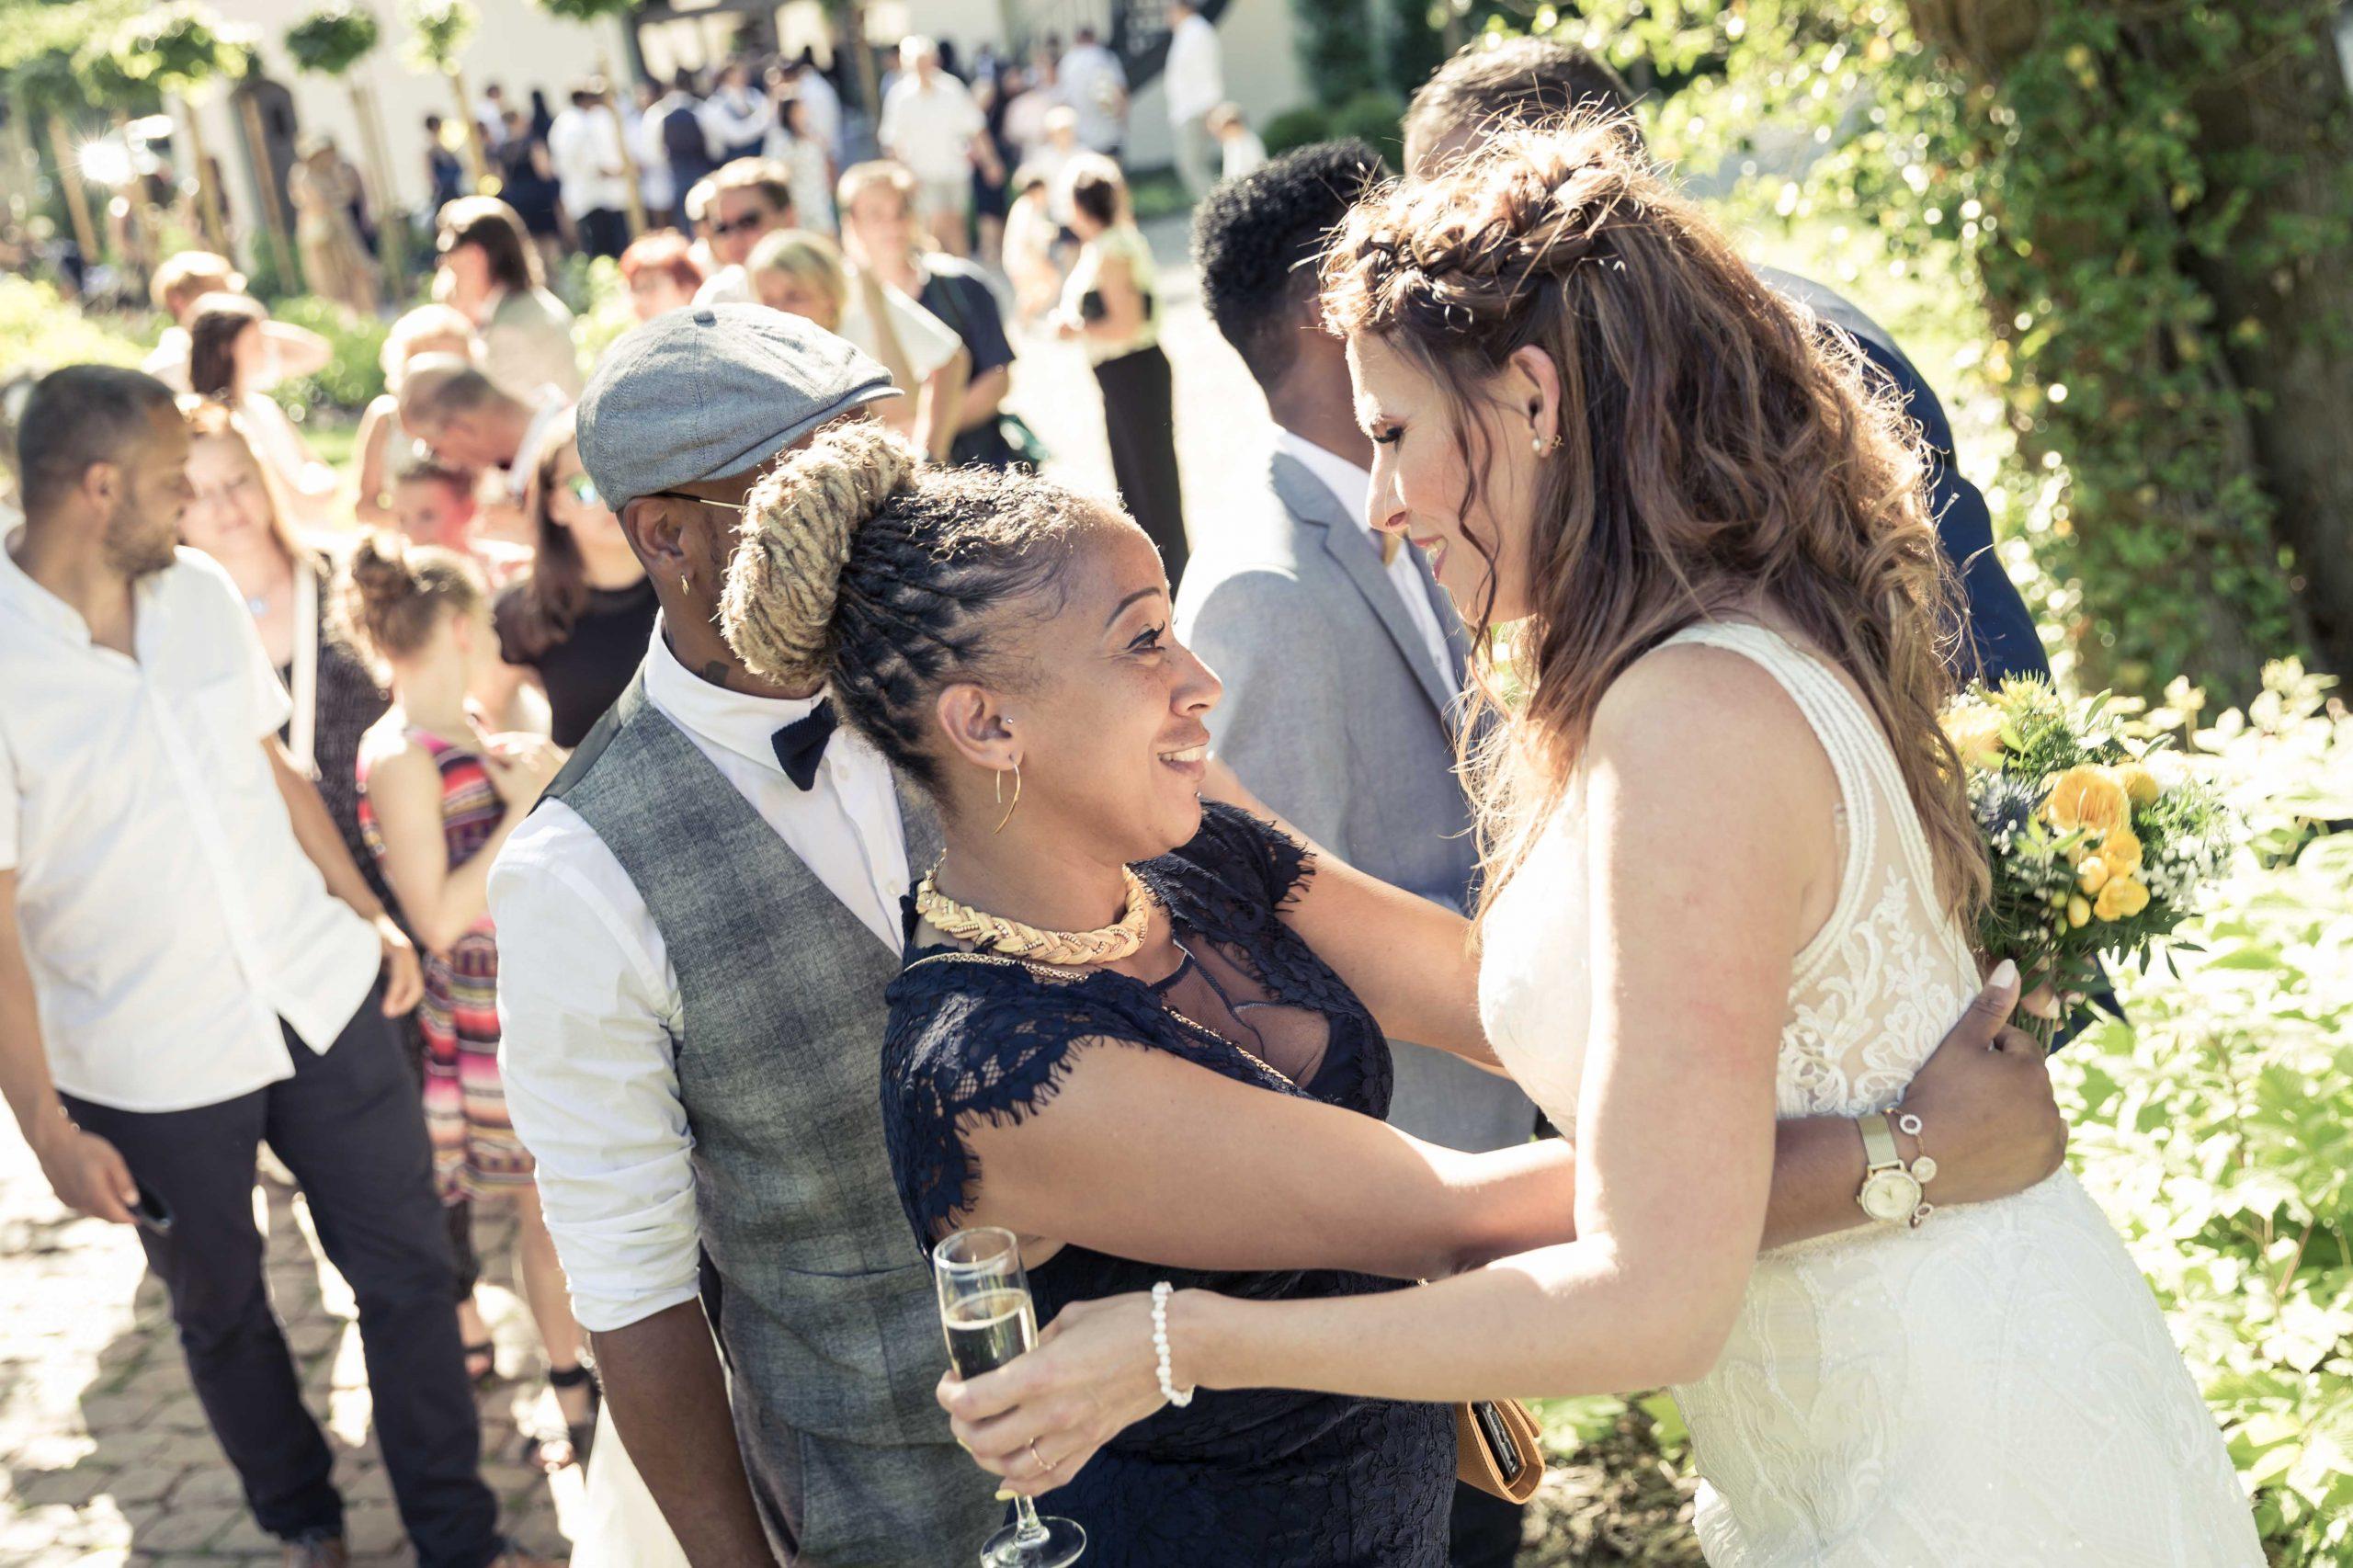 les félicications des mariés après une cérémonie laique en pein air